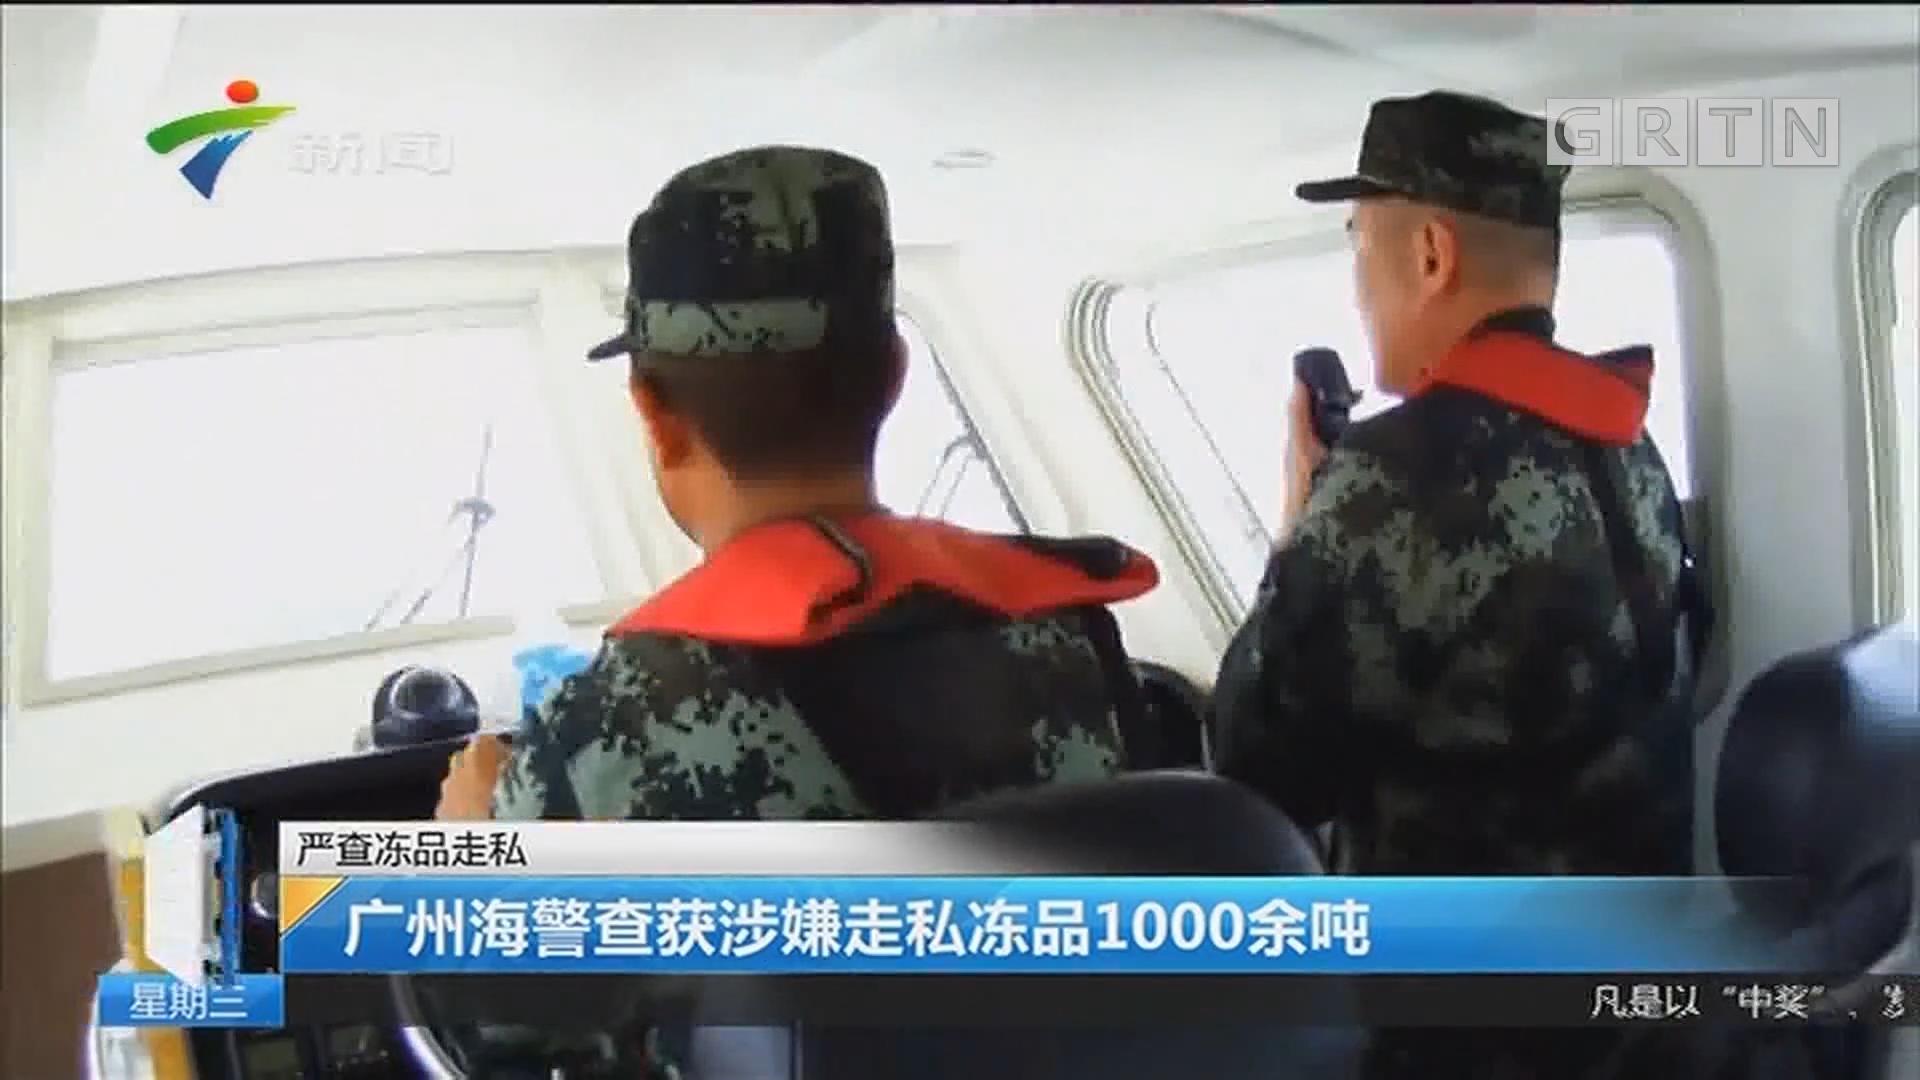 严查冻品走私:广州海警查获涉嫌走私冻品1000余吨